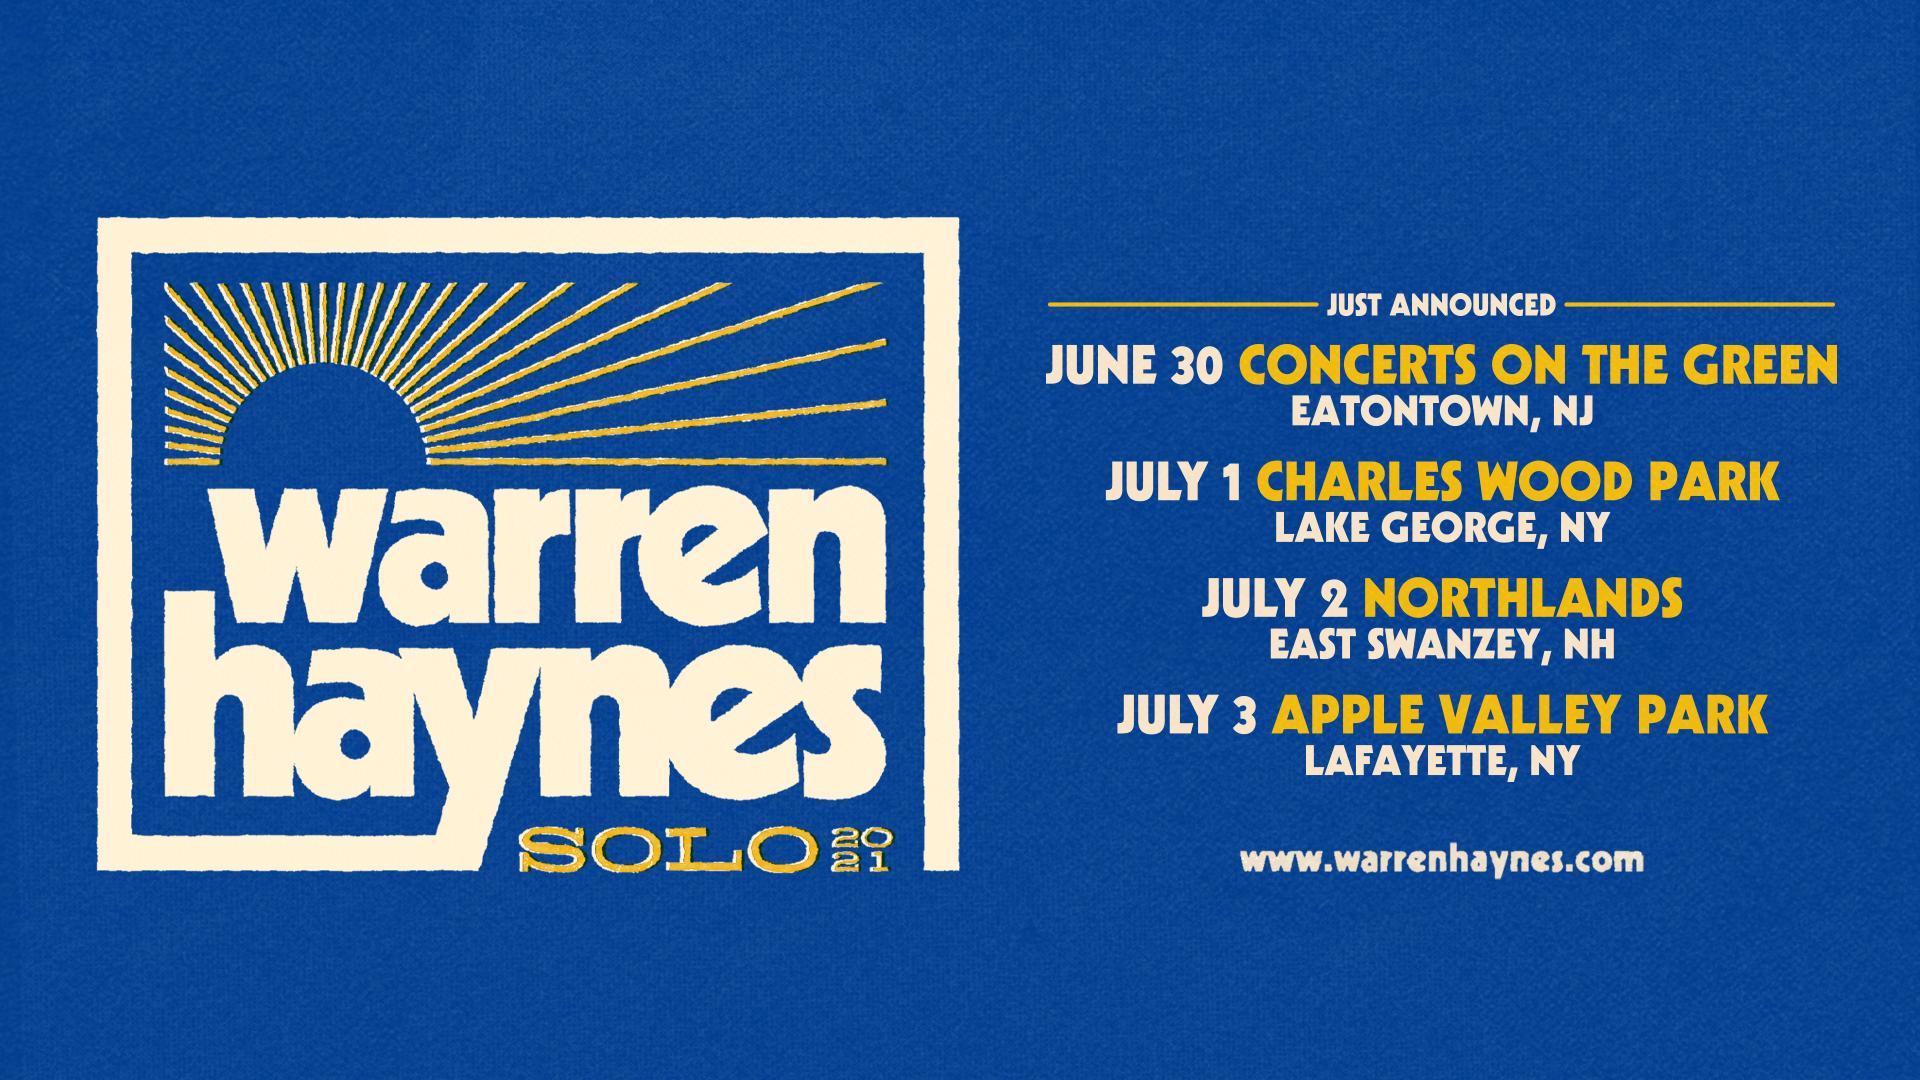 Just Announced - Warren Haynes Northeast Solo Tour